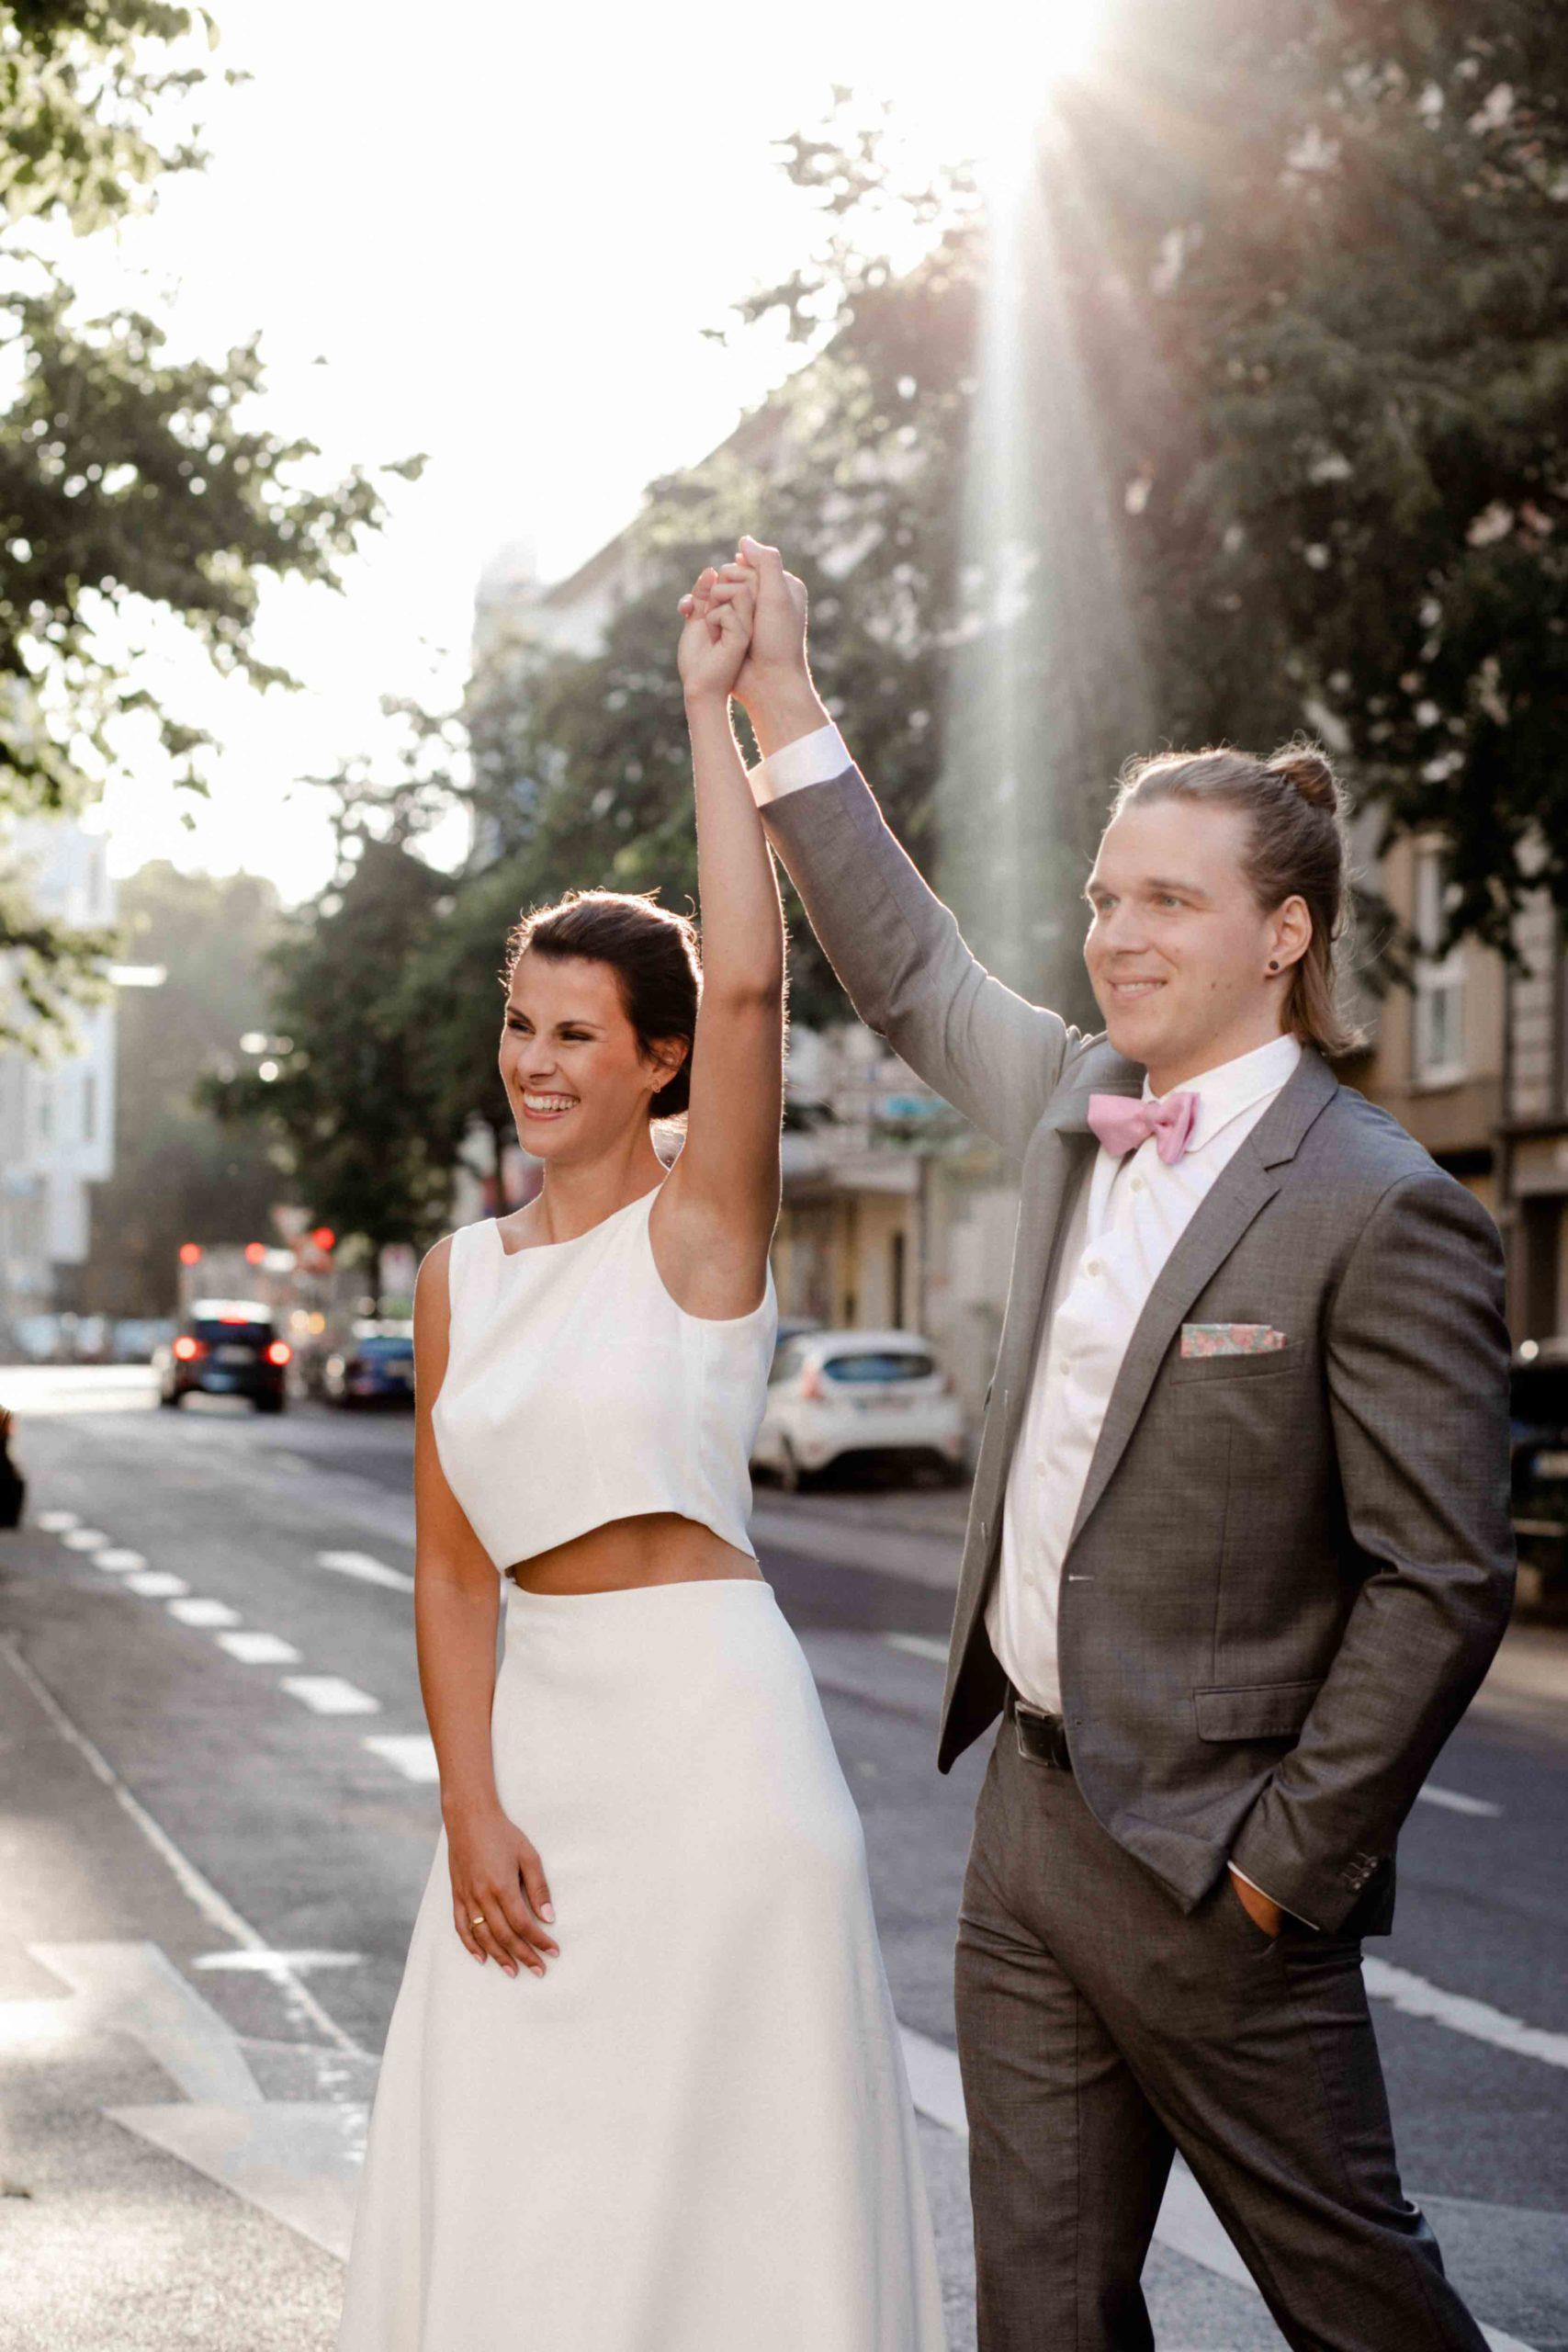 noni Brautmode Styled Shoot, Brautpaar Händchenhaltend, Arme in die Luft gestreckt, auf Strasse